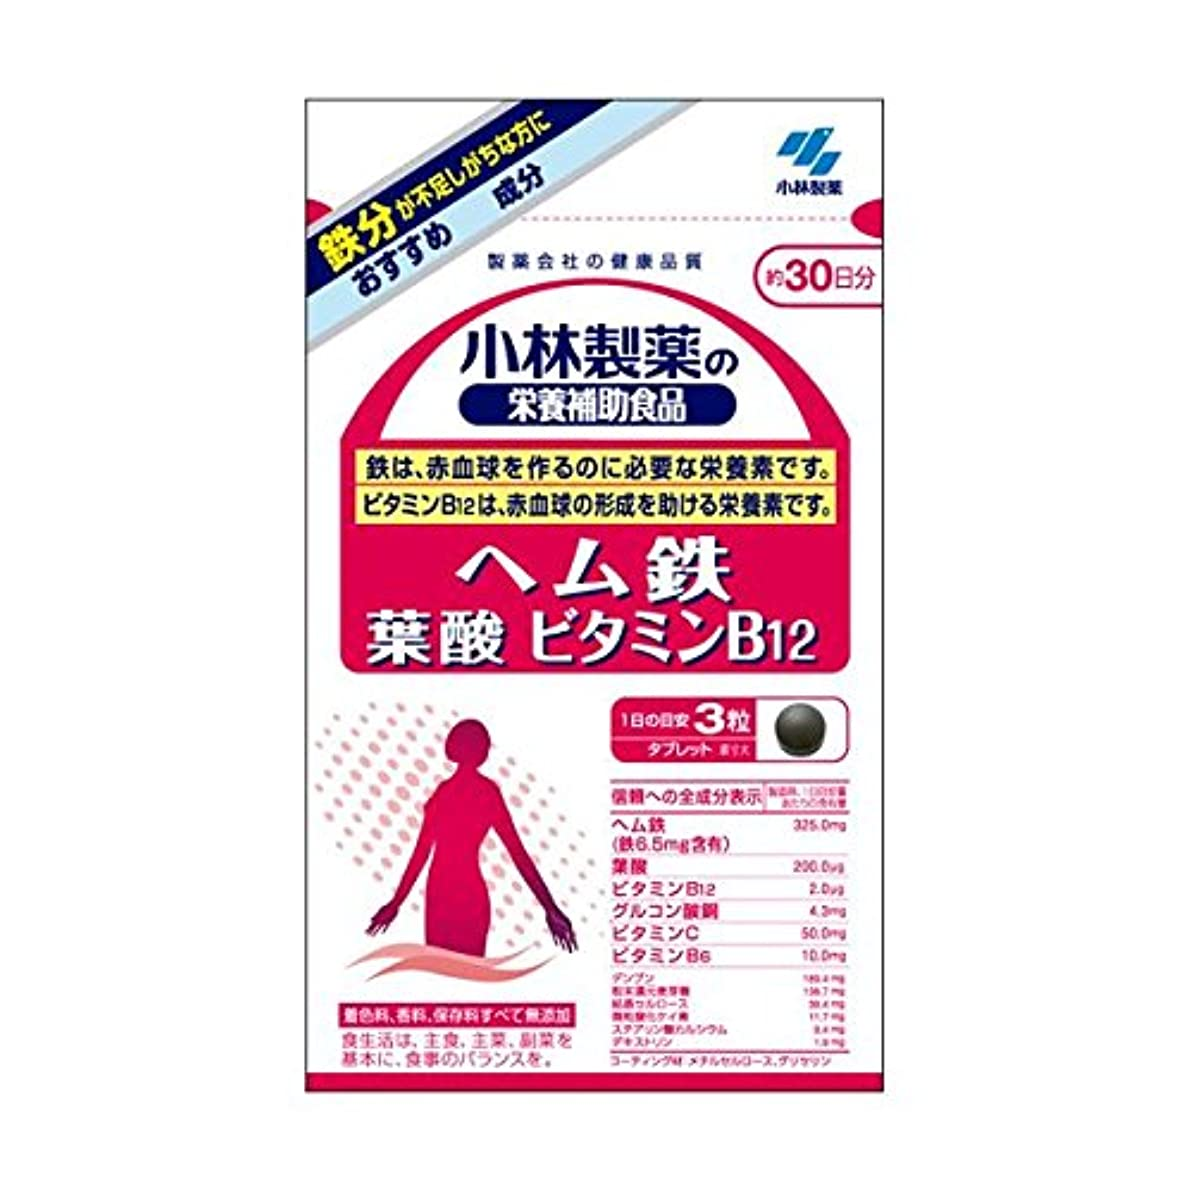 移行規制する新聞小林製薬 小林製薬の栄養補助食品ヘム鉄葉酸ビタミンB12 90粒×2